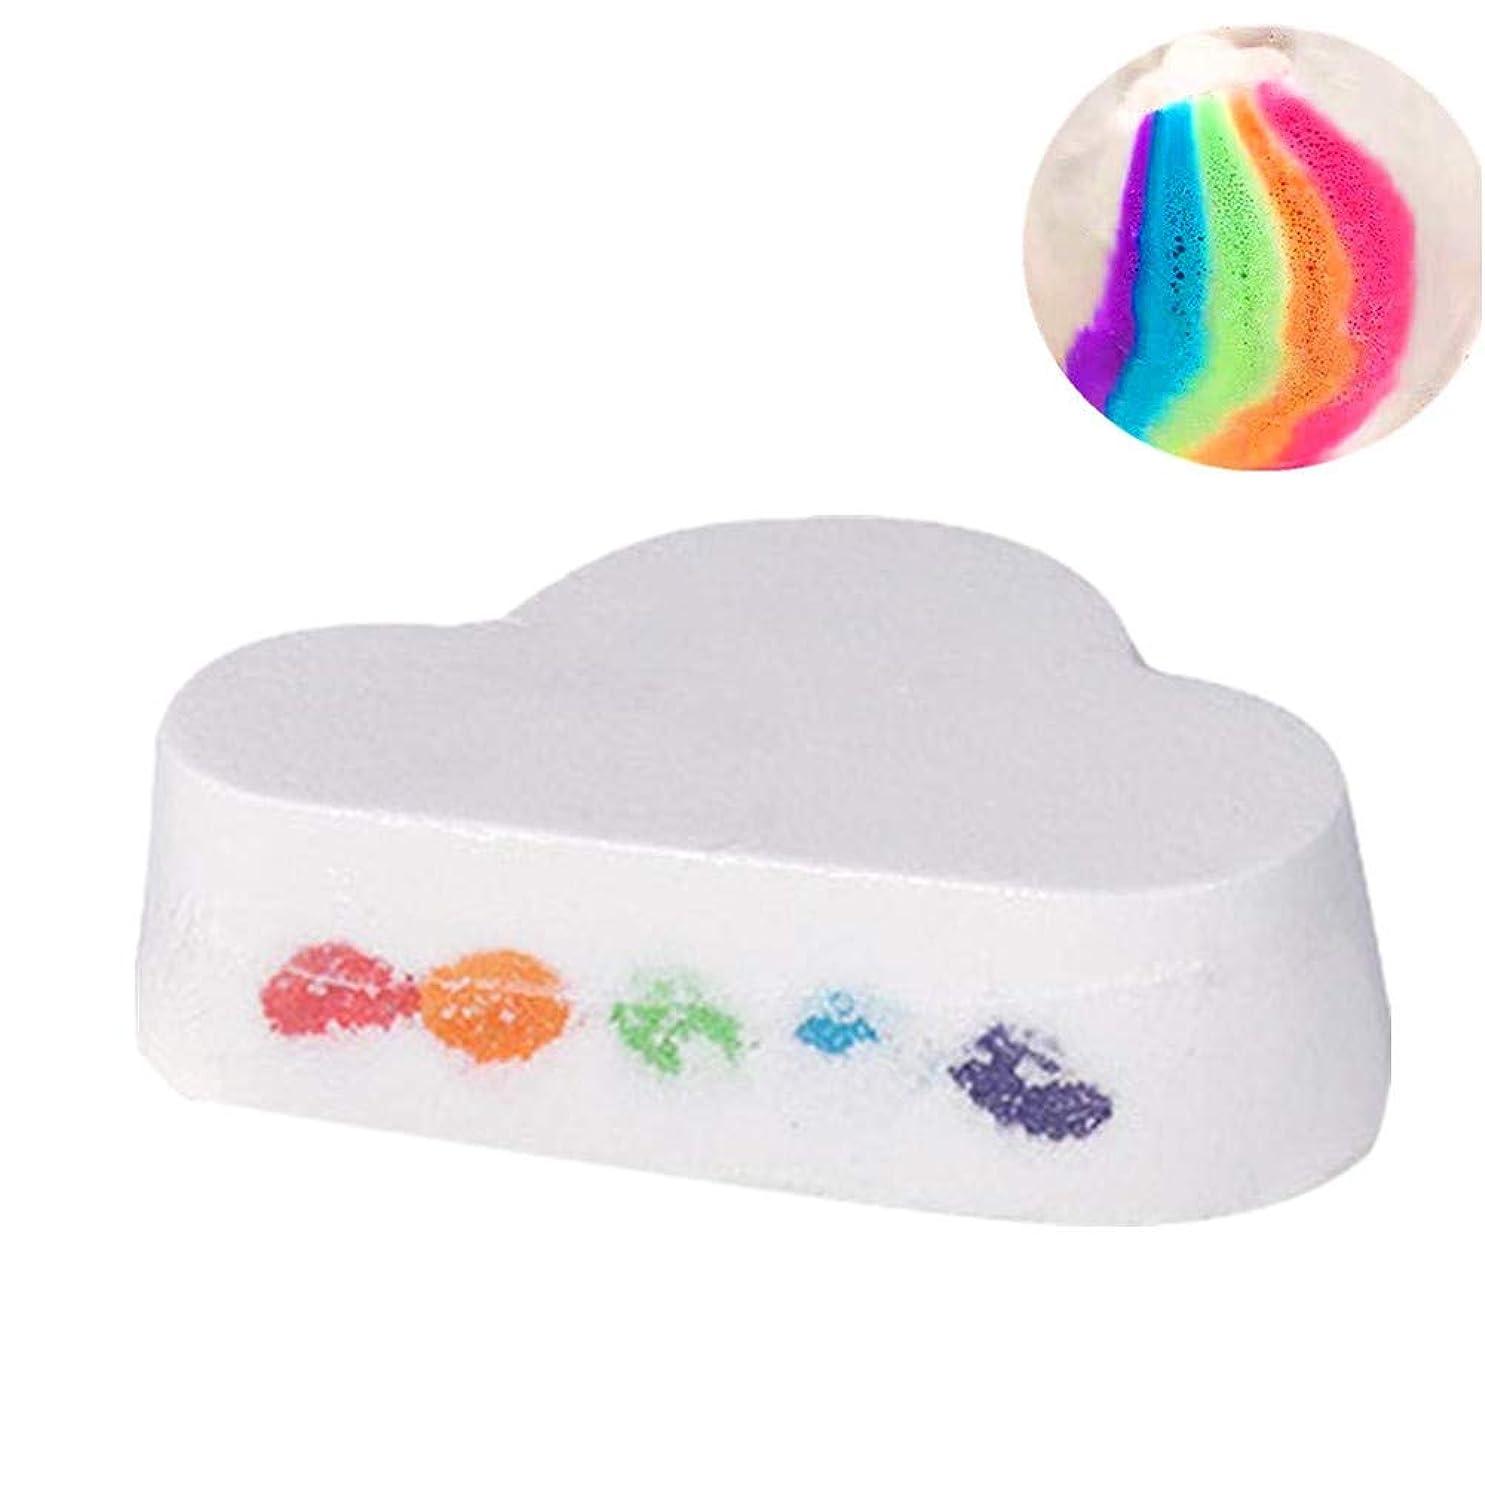 歩き回る正確ショートレインボー クラウド 入浴ボール 入浴剤 風呂泡の泡立った浮遊物 虹色 女性用保湿スキンギフト